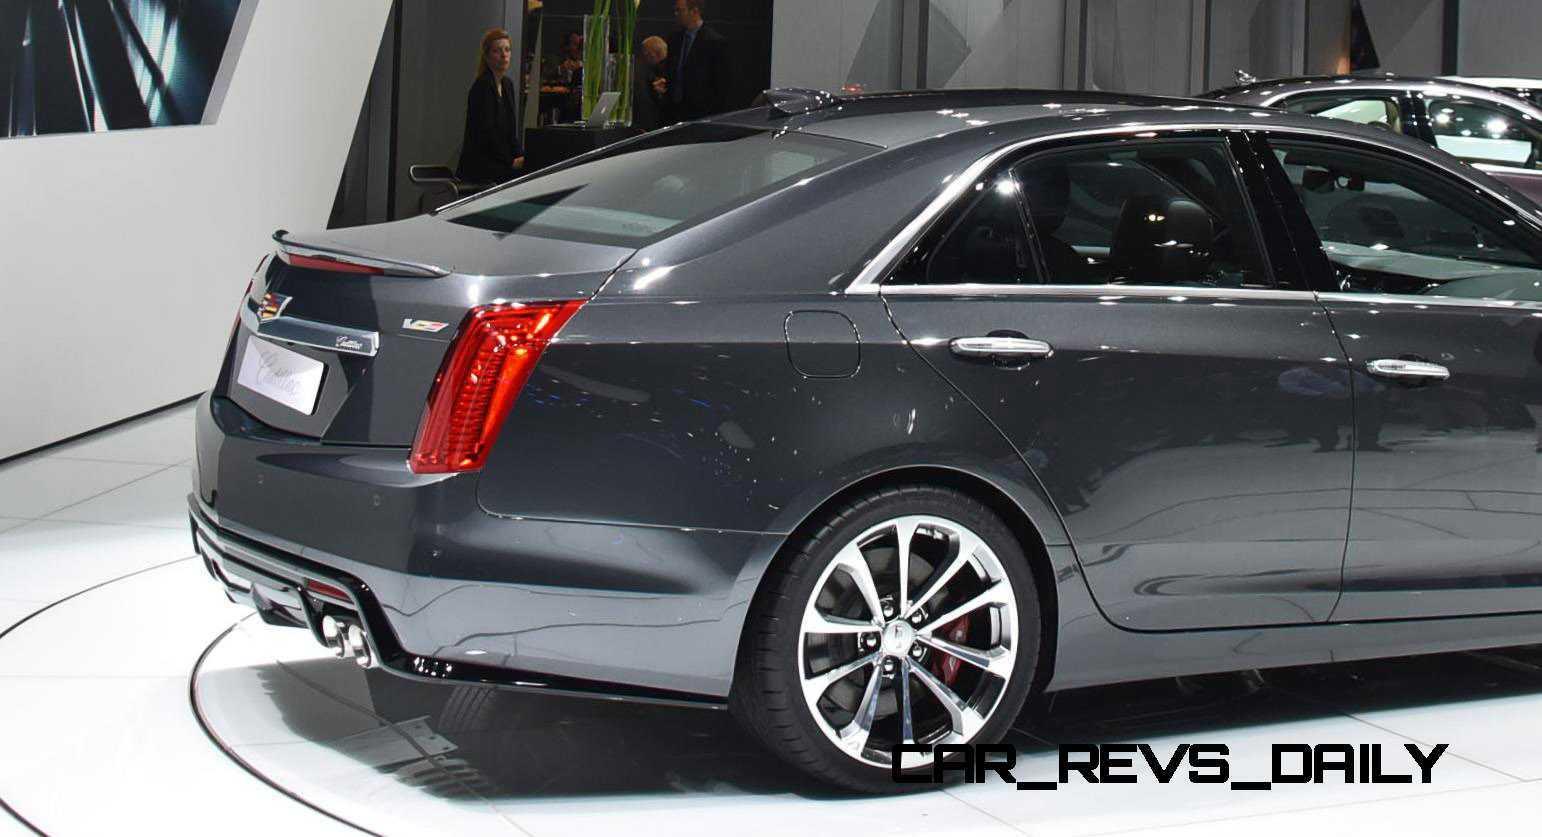 Geneva 2015 Gallery - Cadillac ATS-V and CTS-V + Euro-Spec Escalade Platinum 8